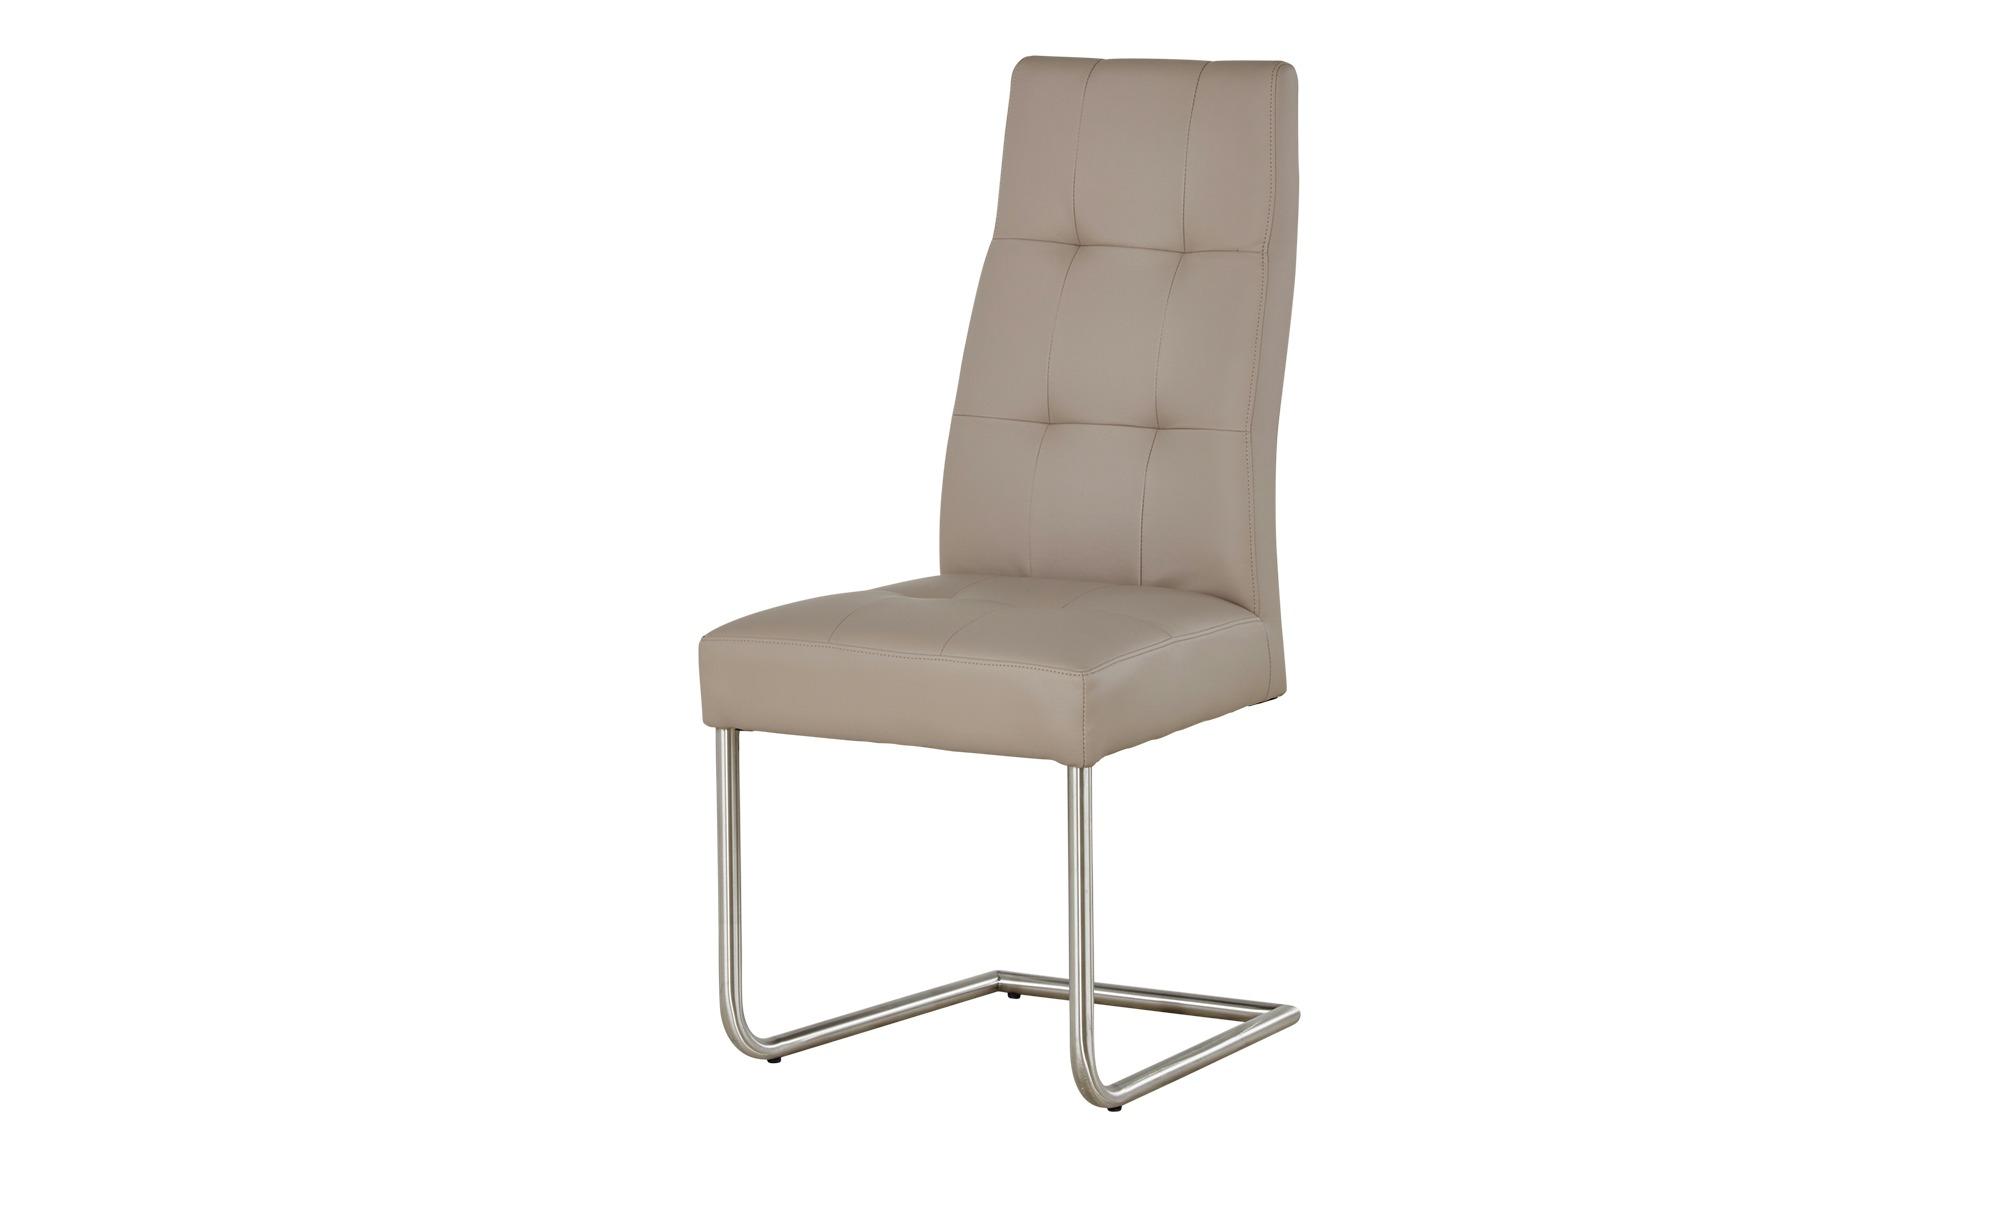 Woodford Kunstleder Schwingstuhl Thea beige 47 cm 104 cm 60 cm Stühle > Esszimmerstühle Möbel Kraft